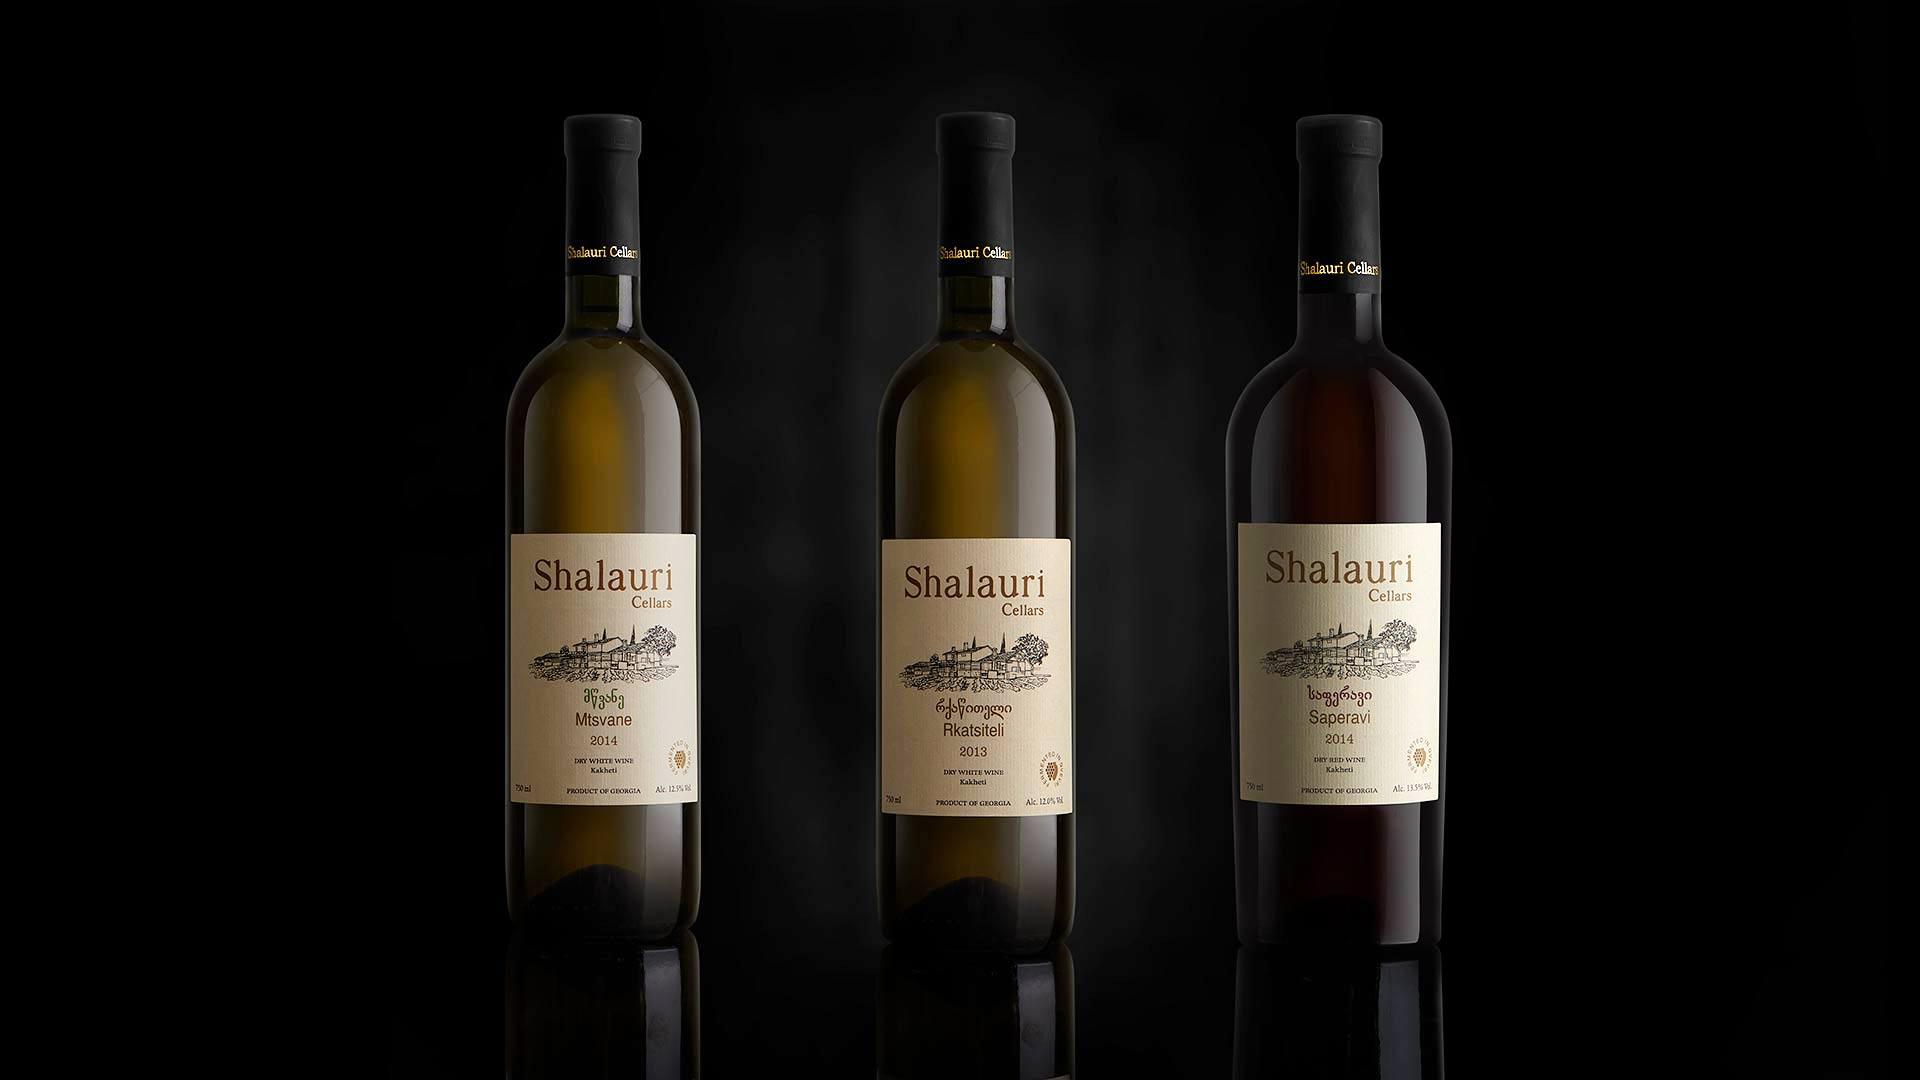 productfotografie-shalauri-wijnen